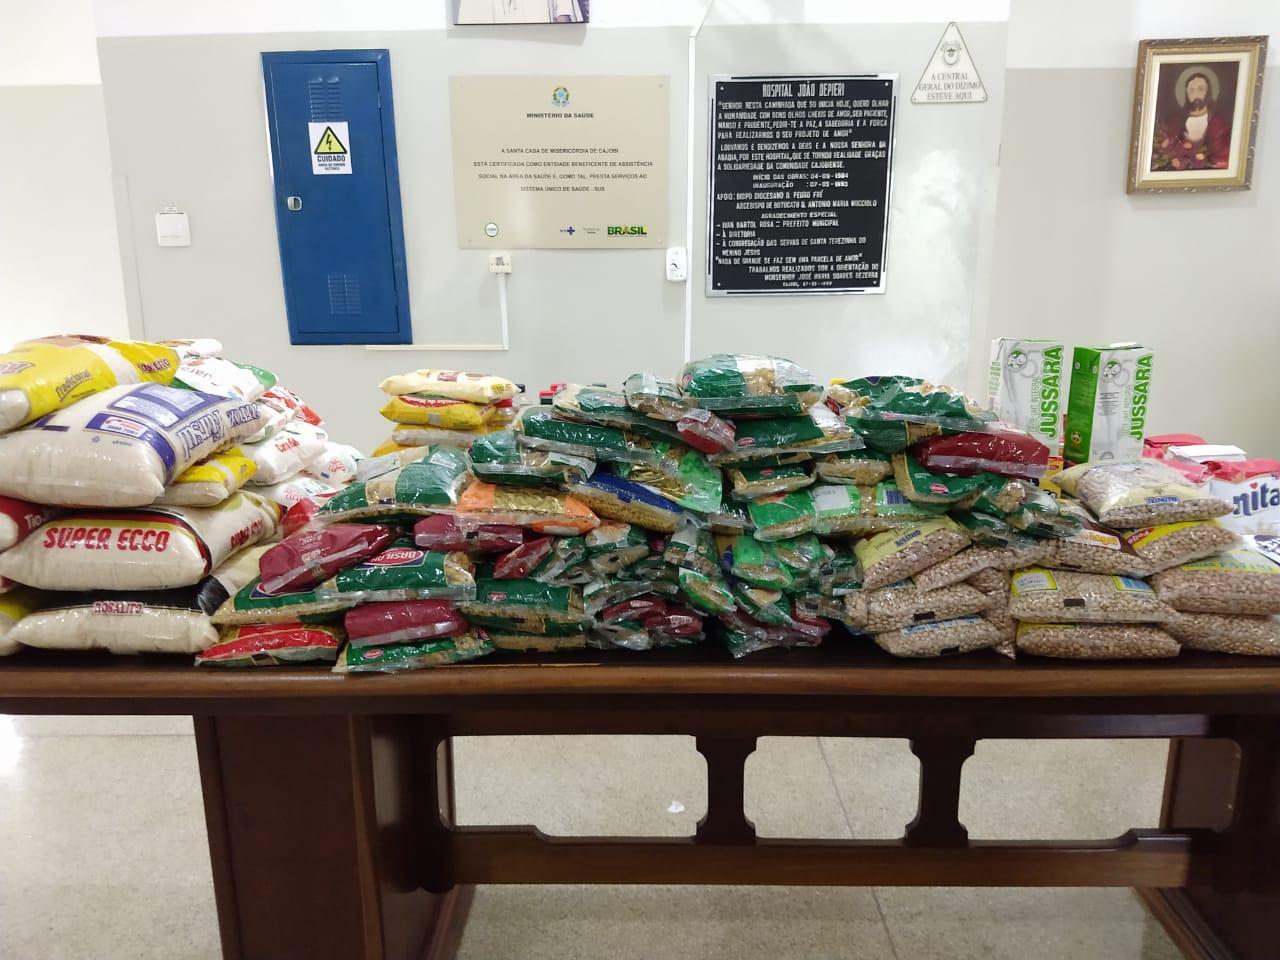 Jogo beneficente em Cajobi arrecada mais de 100kg em alimentos para a Santa Casa